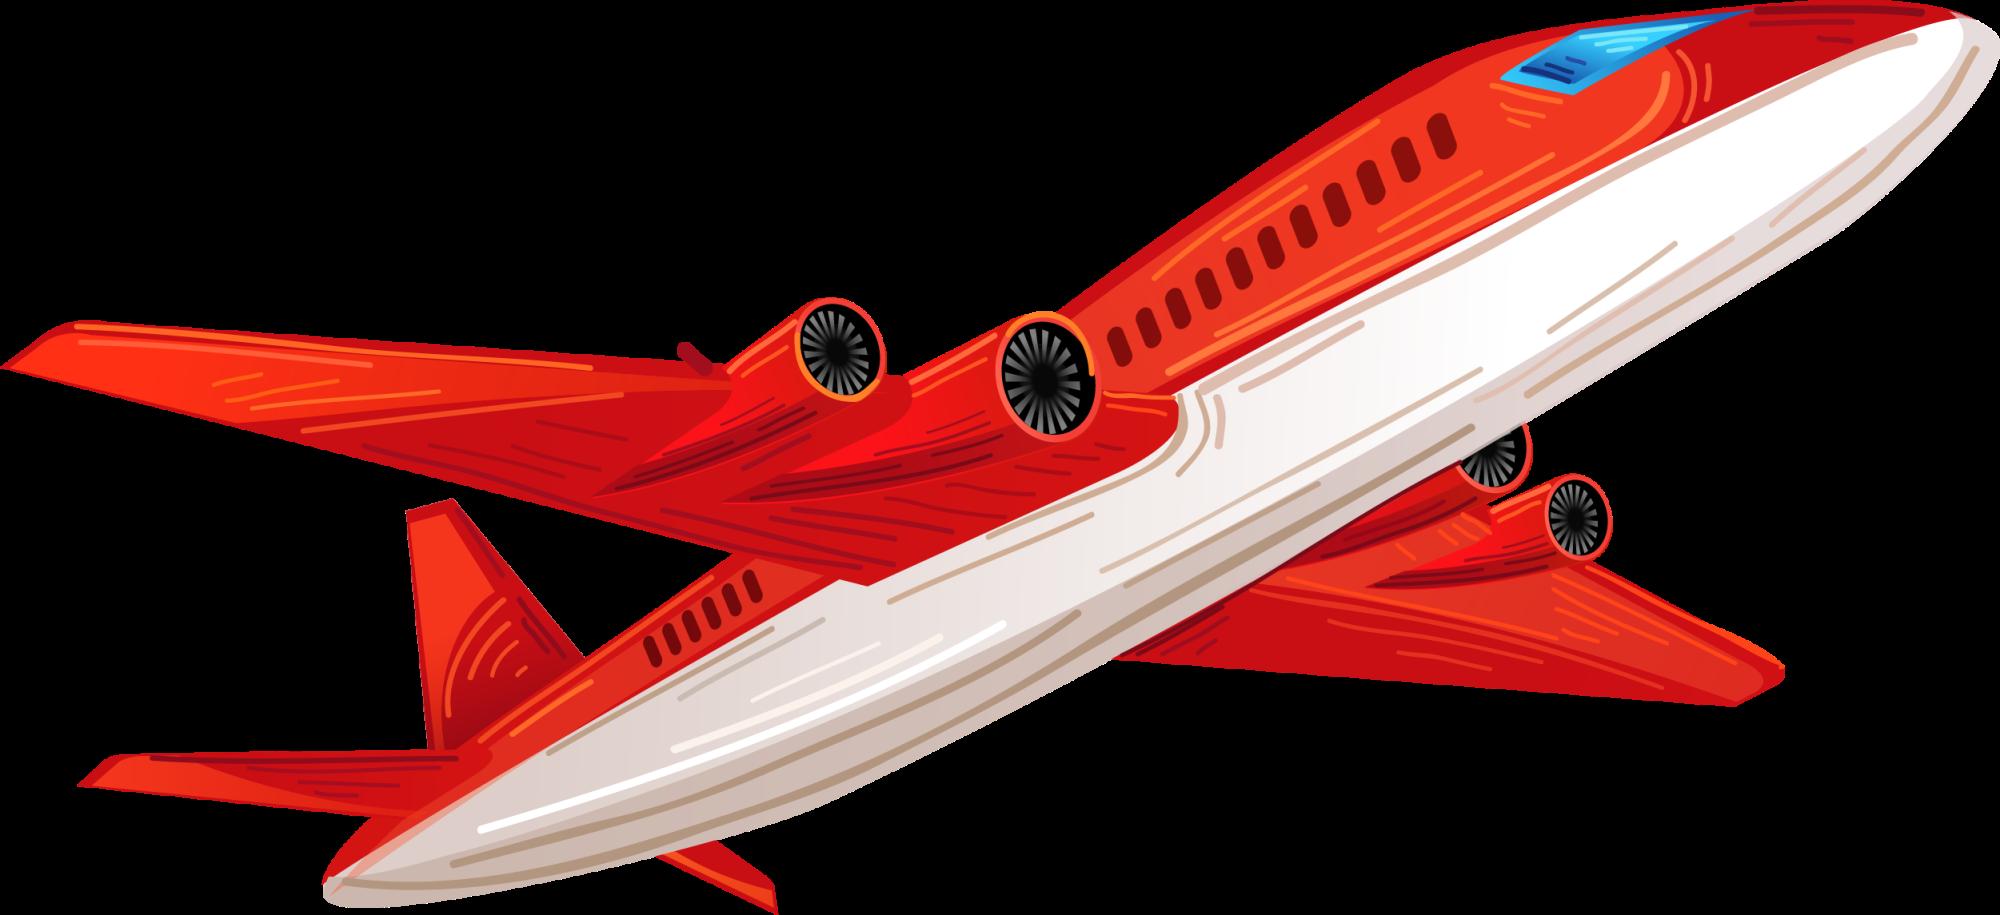 Рейтинг самолётов и авиакомпаний